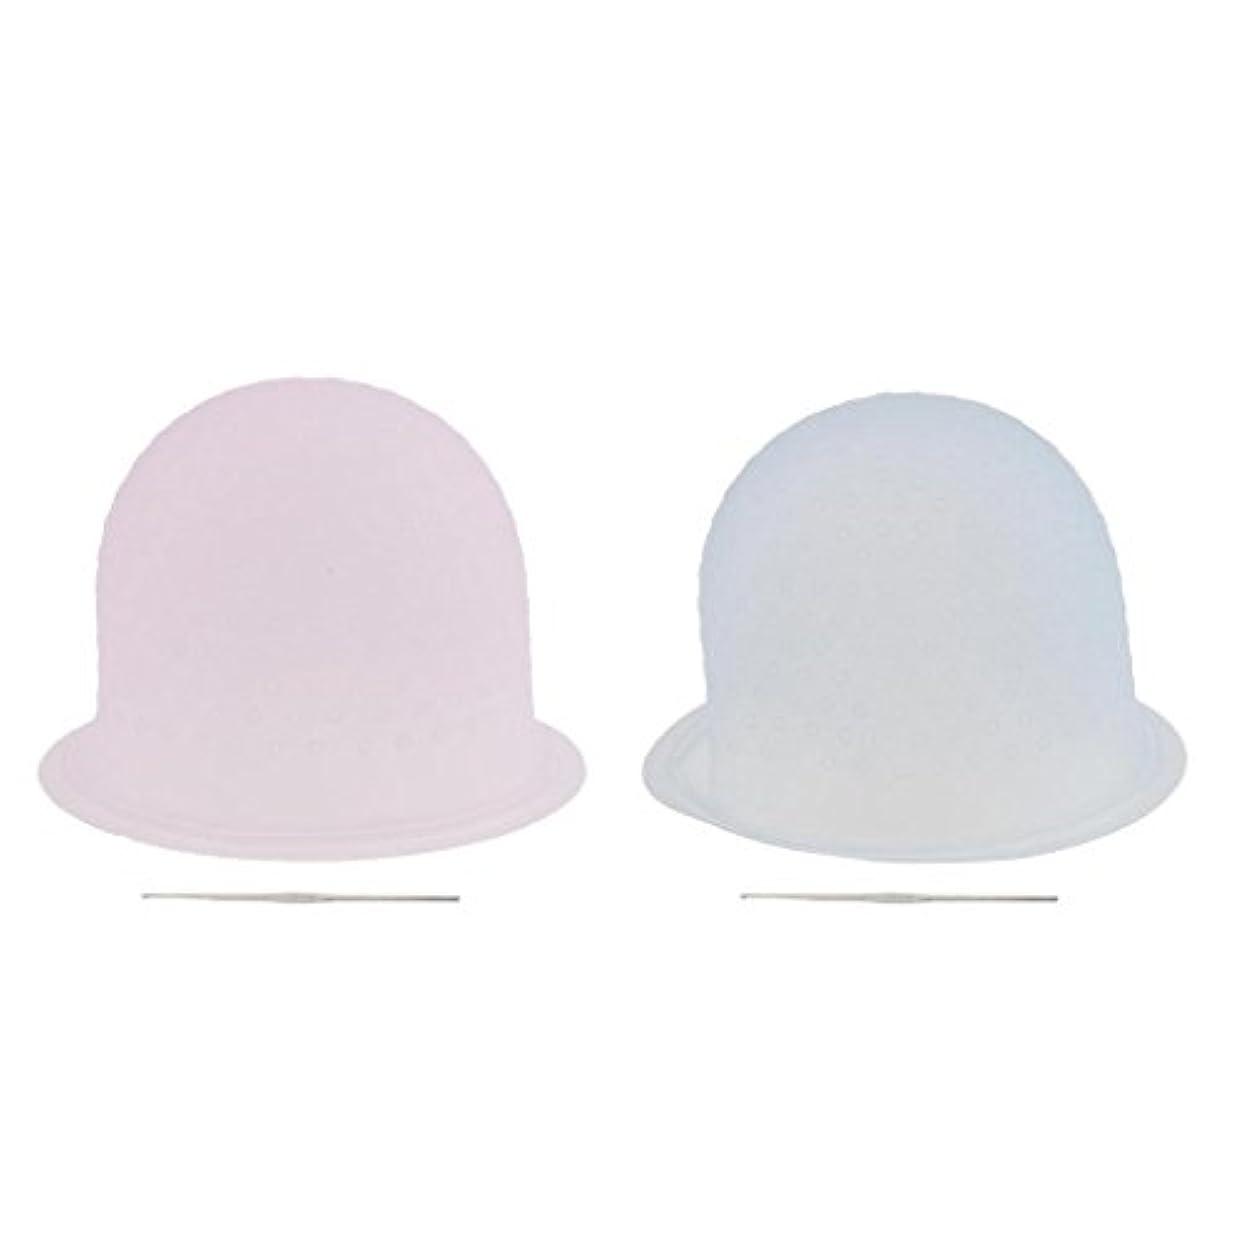 遠え幻滅するコーンウォールToygogo 2組の金属のホックが付いている染料の毛の着色の曇らしている帽子の帽子を強調する専門の再使用可能な大広間